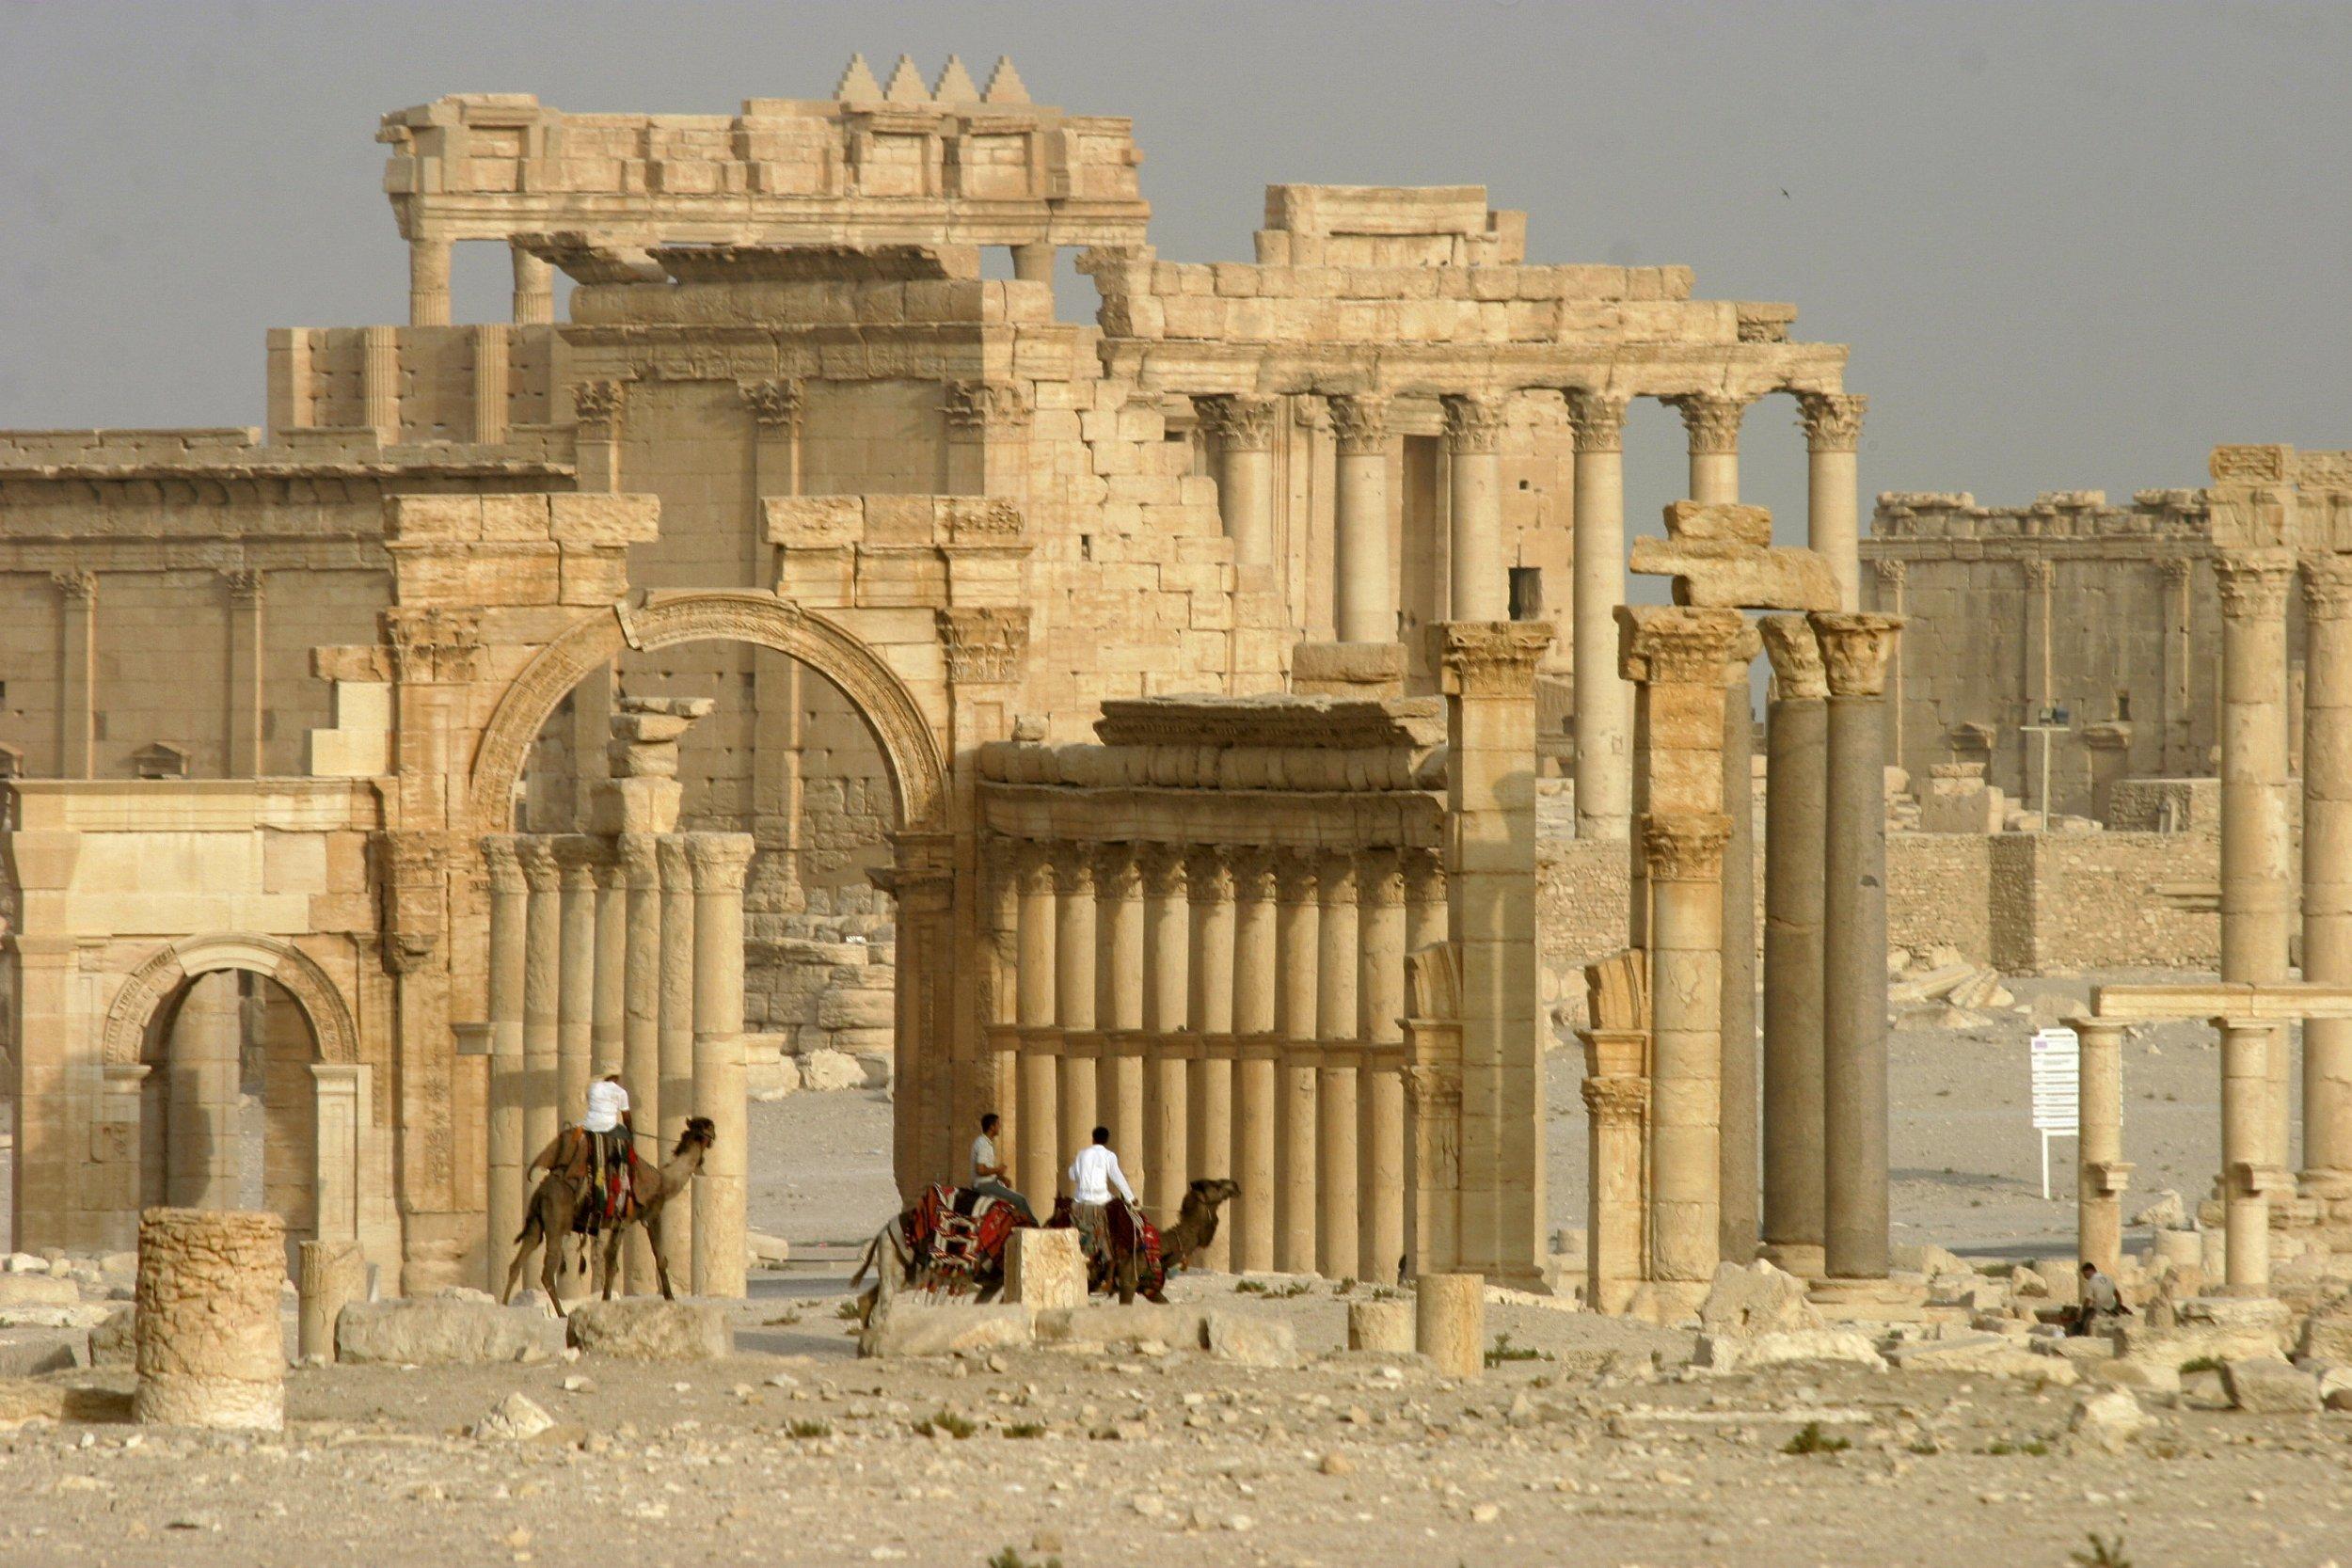 09_02_Palmyra_01